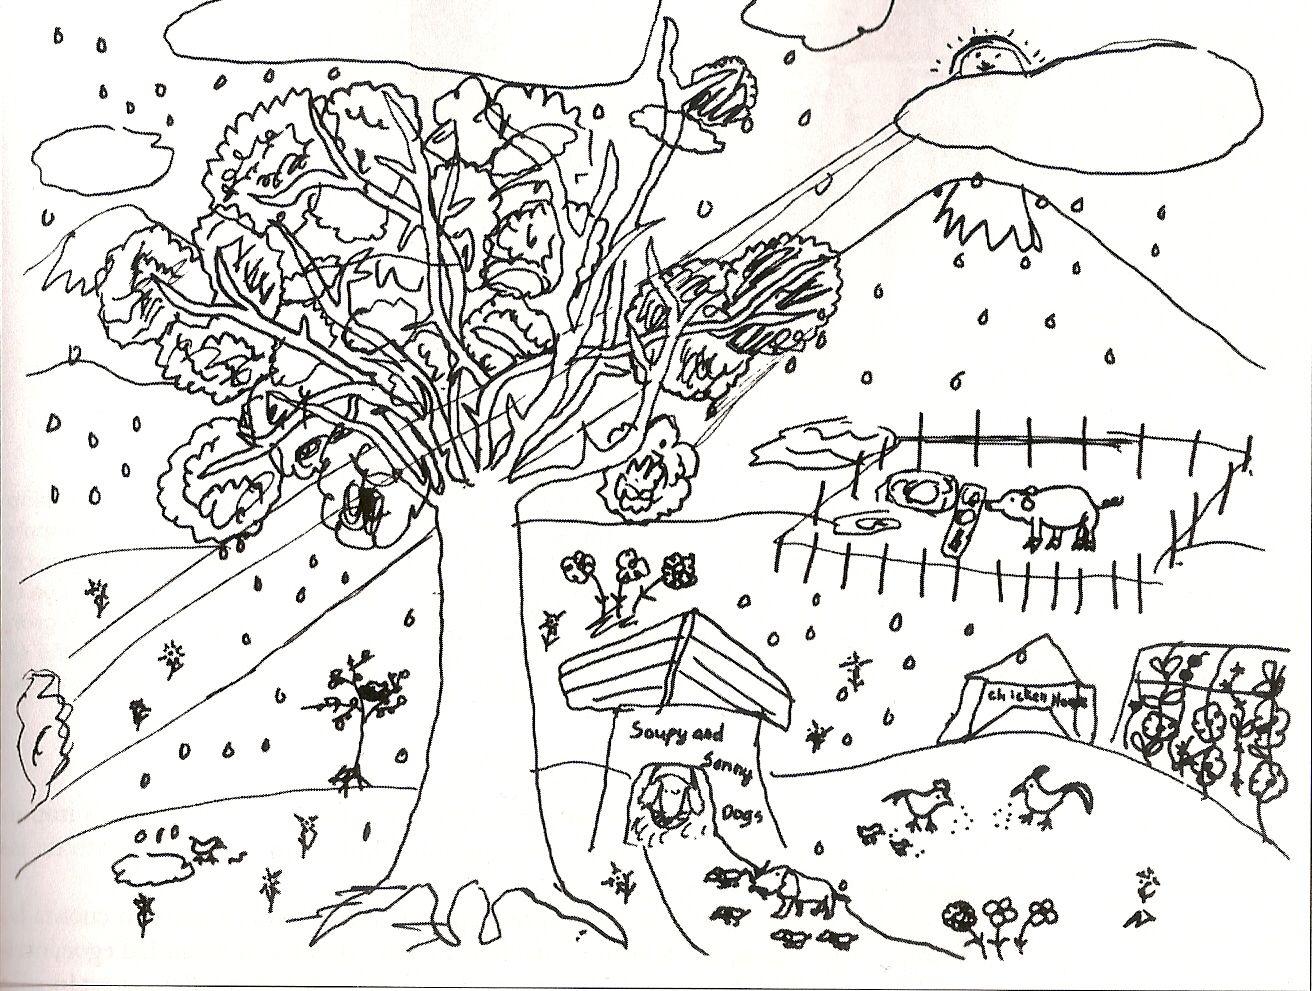 La niña de 10 años quie hizo este dibujo utilizó múltiples líneas